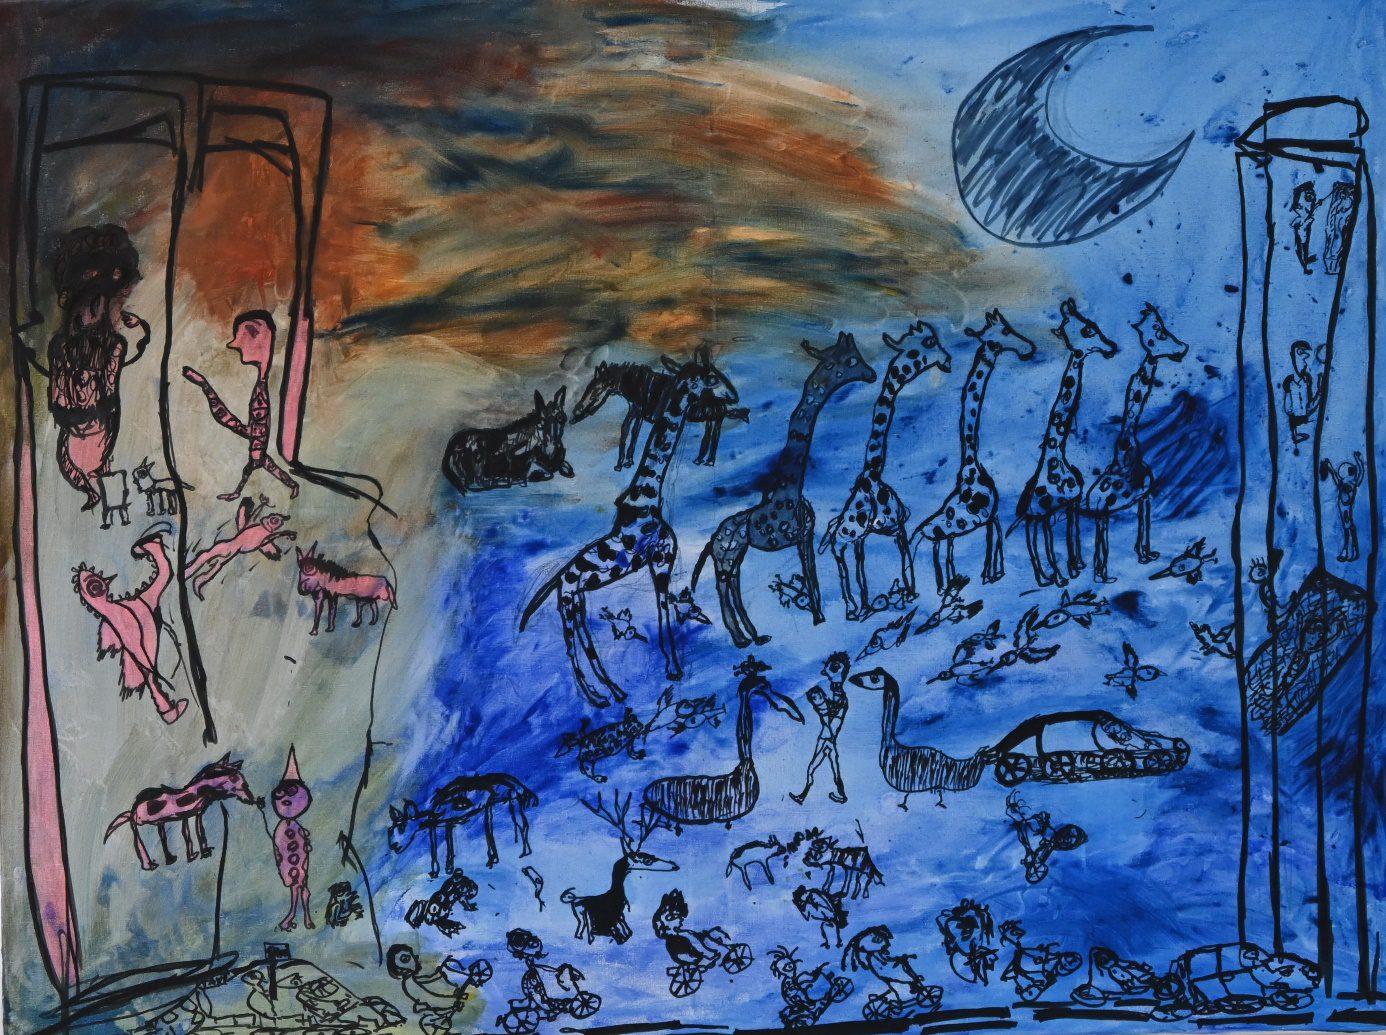 DiegoB-Baglioni-Pink-Blue-Moon-2014-Jungle-in-The-city-Breed-Art-Studios.jpg